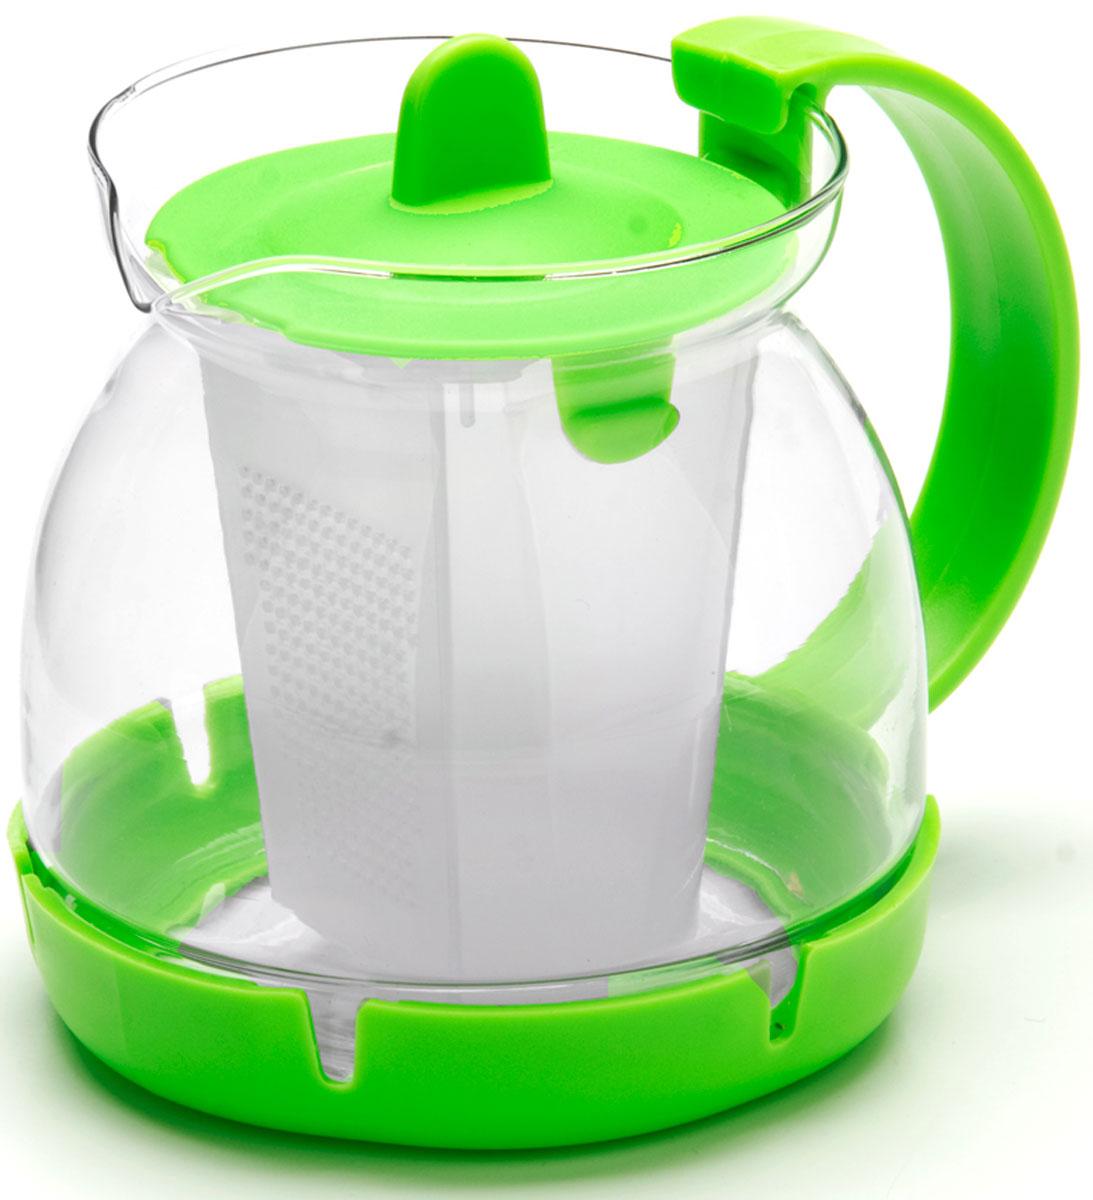 Чайник заварочный Mayer & Boch, с фильтром, 0,8 л. 26175-326175-3Заварочный чайник изготовлен из термостойкого боросиликатного стекла, фильтр выполнены из полипропилена. Изделия из стекла не впитывают запахи, благодаря чему вы всегда получите натуральный, насыщенный вкус и аромат напитков. Фильтр гарантирует прозрачность и чистоту напитка от чайных листьев, при этом сохранив букет и насыщенность чая. Подходит для мытья в посудомоечной машине. Объем чайника: 800 мл.